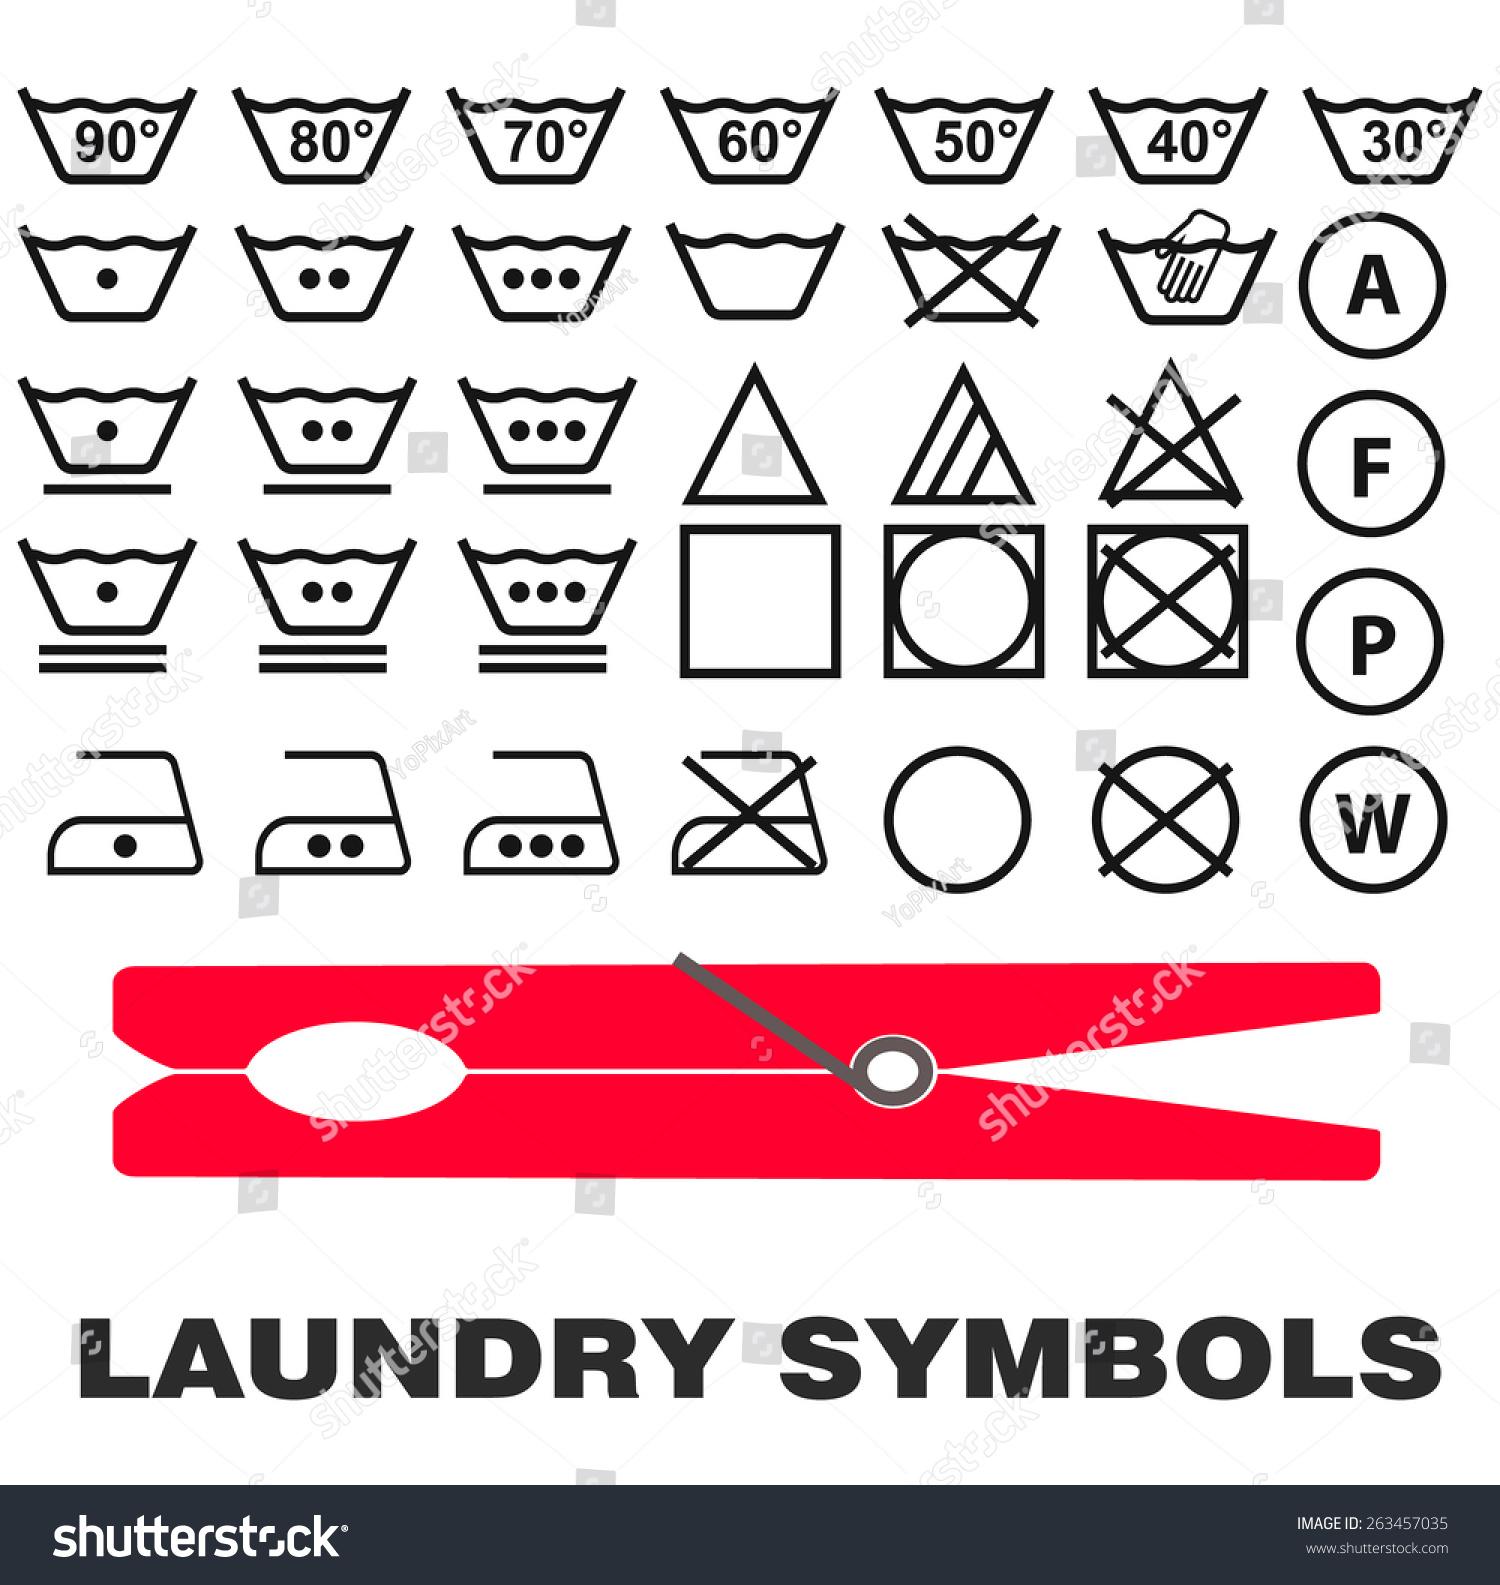 Laundry Care Symbols Icons Black On White Background